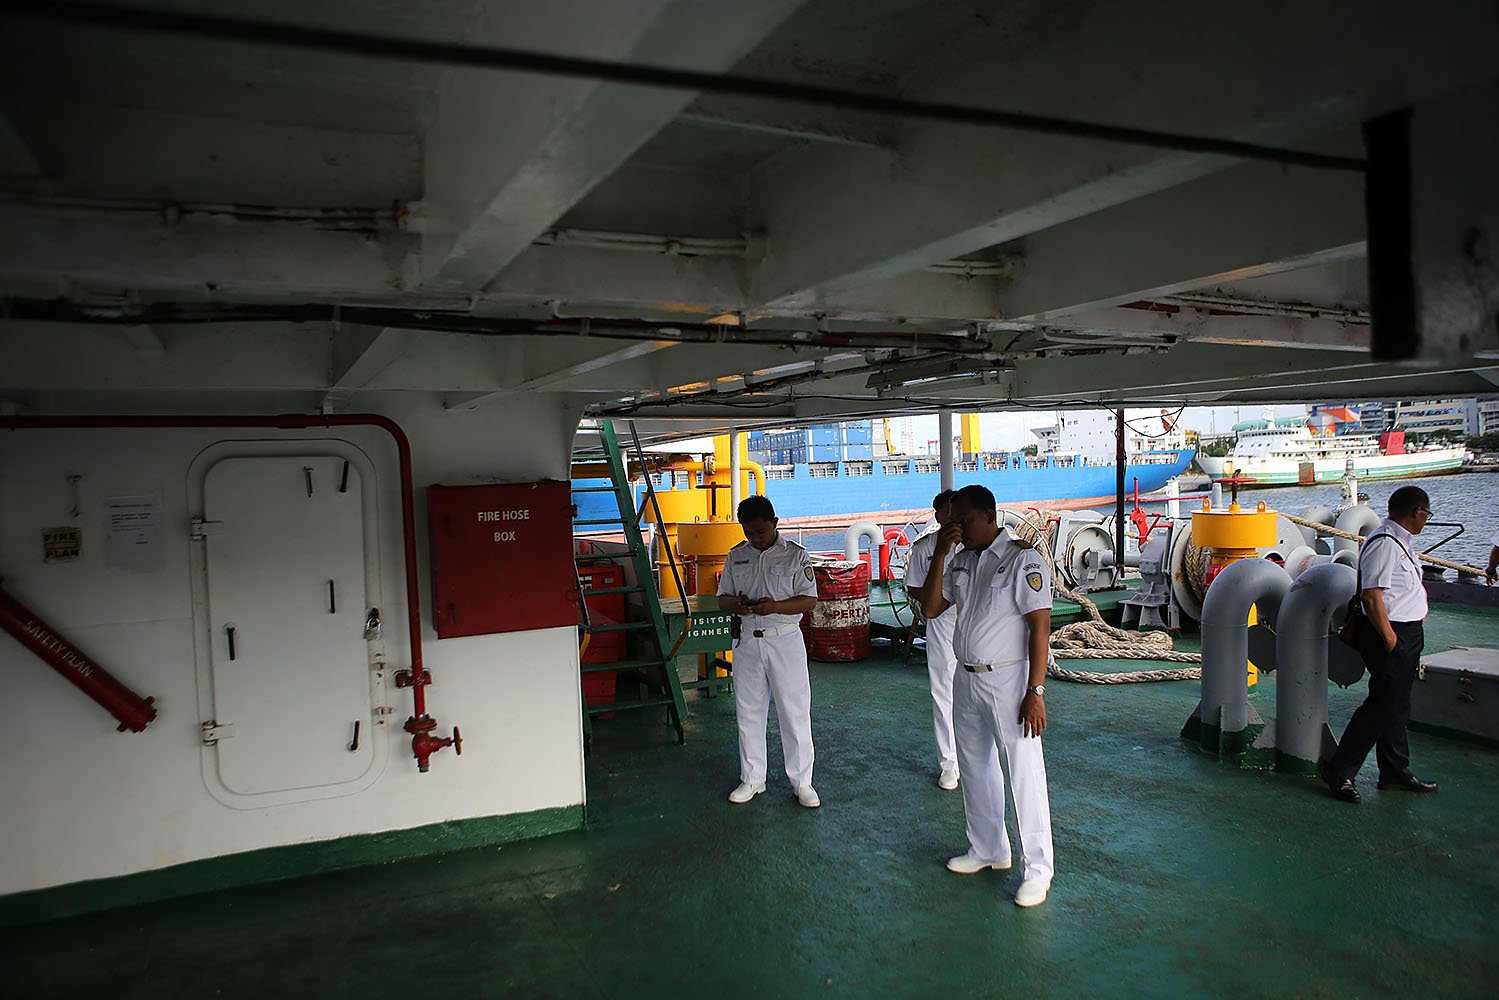 BUMN yang membentuk konsorsium dan terlibat dalam sinergi layanan kapal tol laut ini adalah PT Pelabuhan Indonesia II dengan anak perusahaannya PT Multi Terminal Indonesia (MTI), PT Pelni dengan anak perusahaannya PT Pelni Logistik dan PT Rajawali Nusantara Indonesia (RNI).